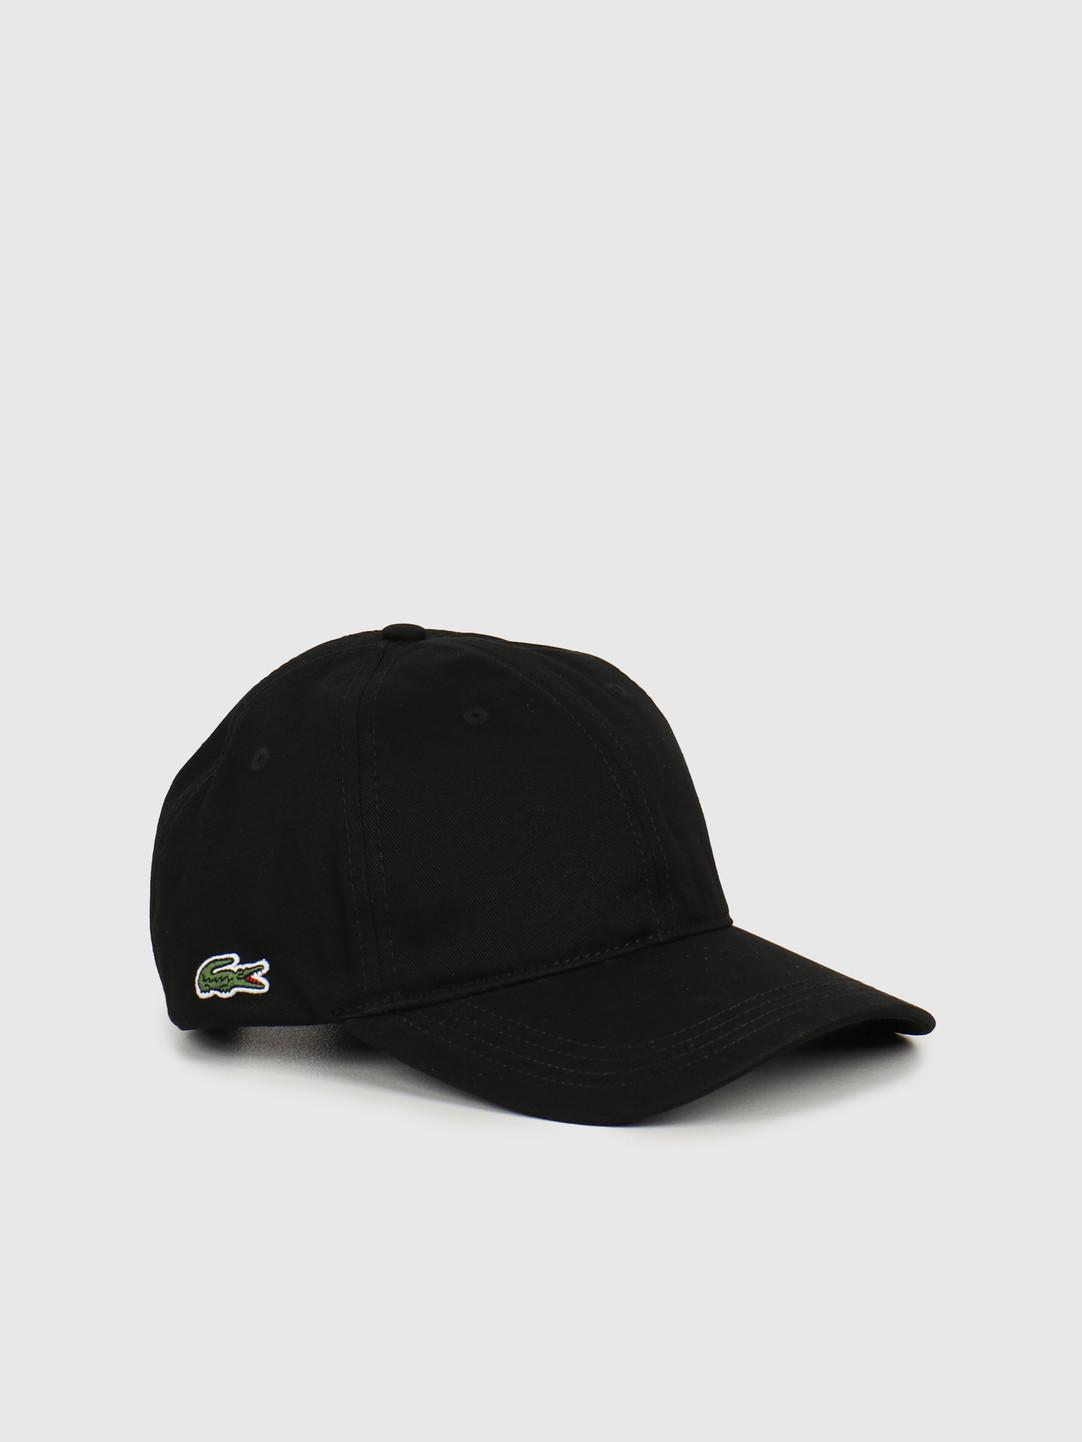 Lacoste Lacoste 2G4C Cap 01 Black RK4709-01